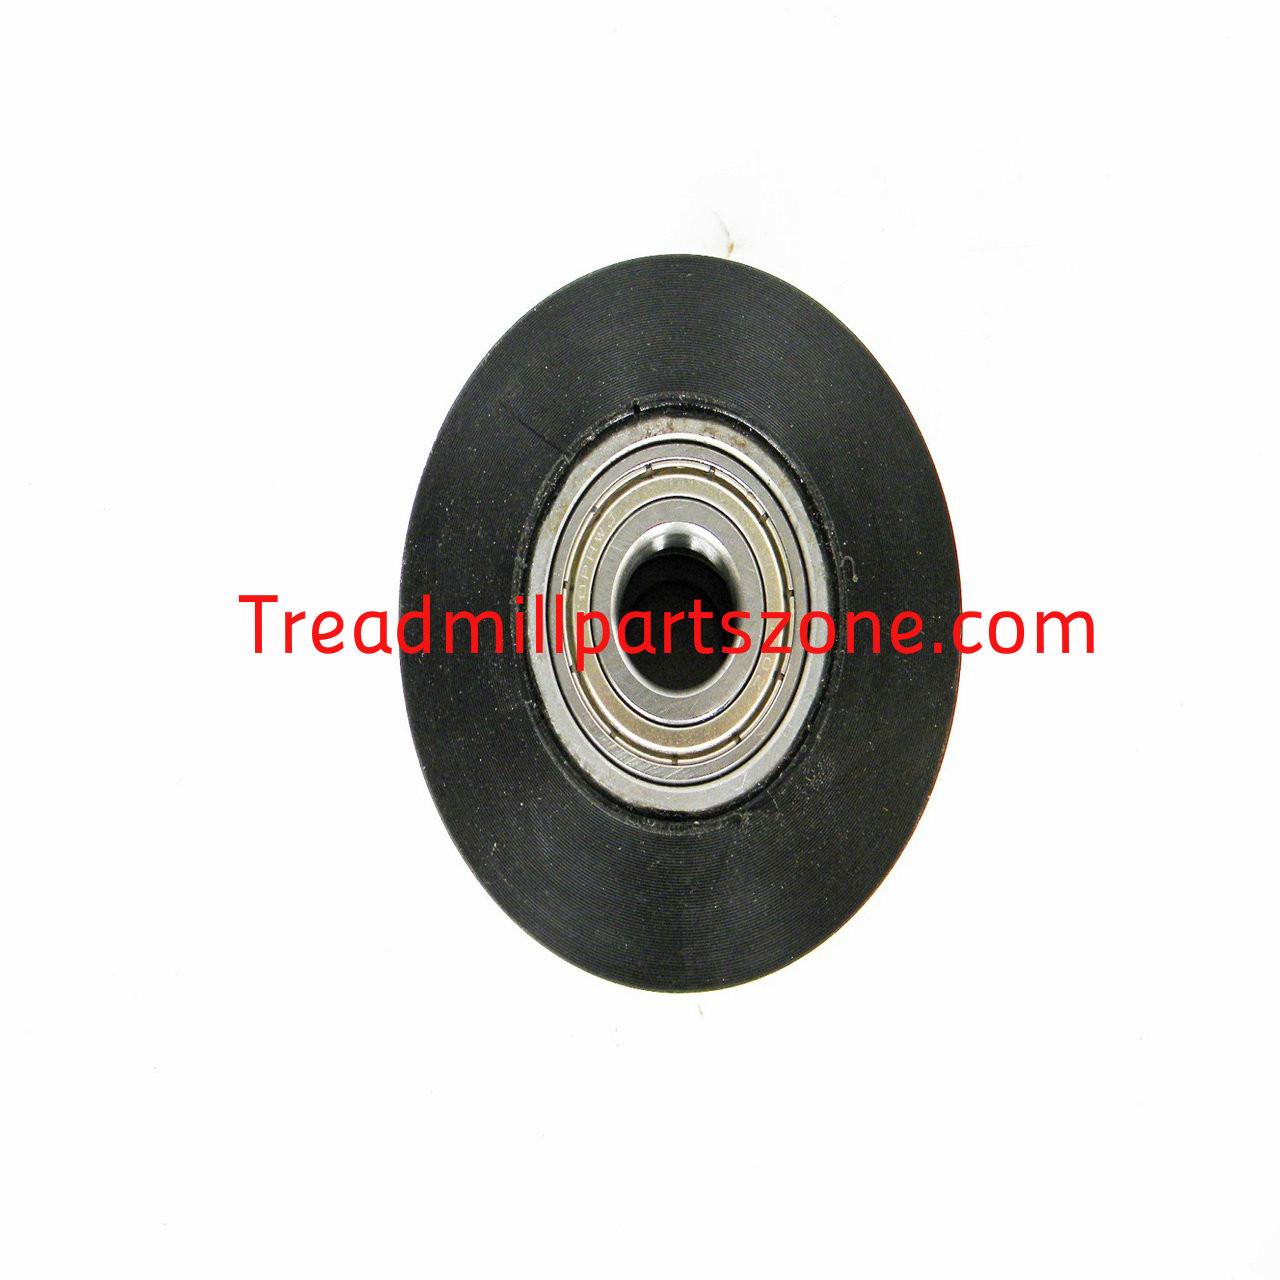 Elliptical Ramp Roller Part Number 316741